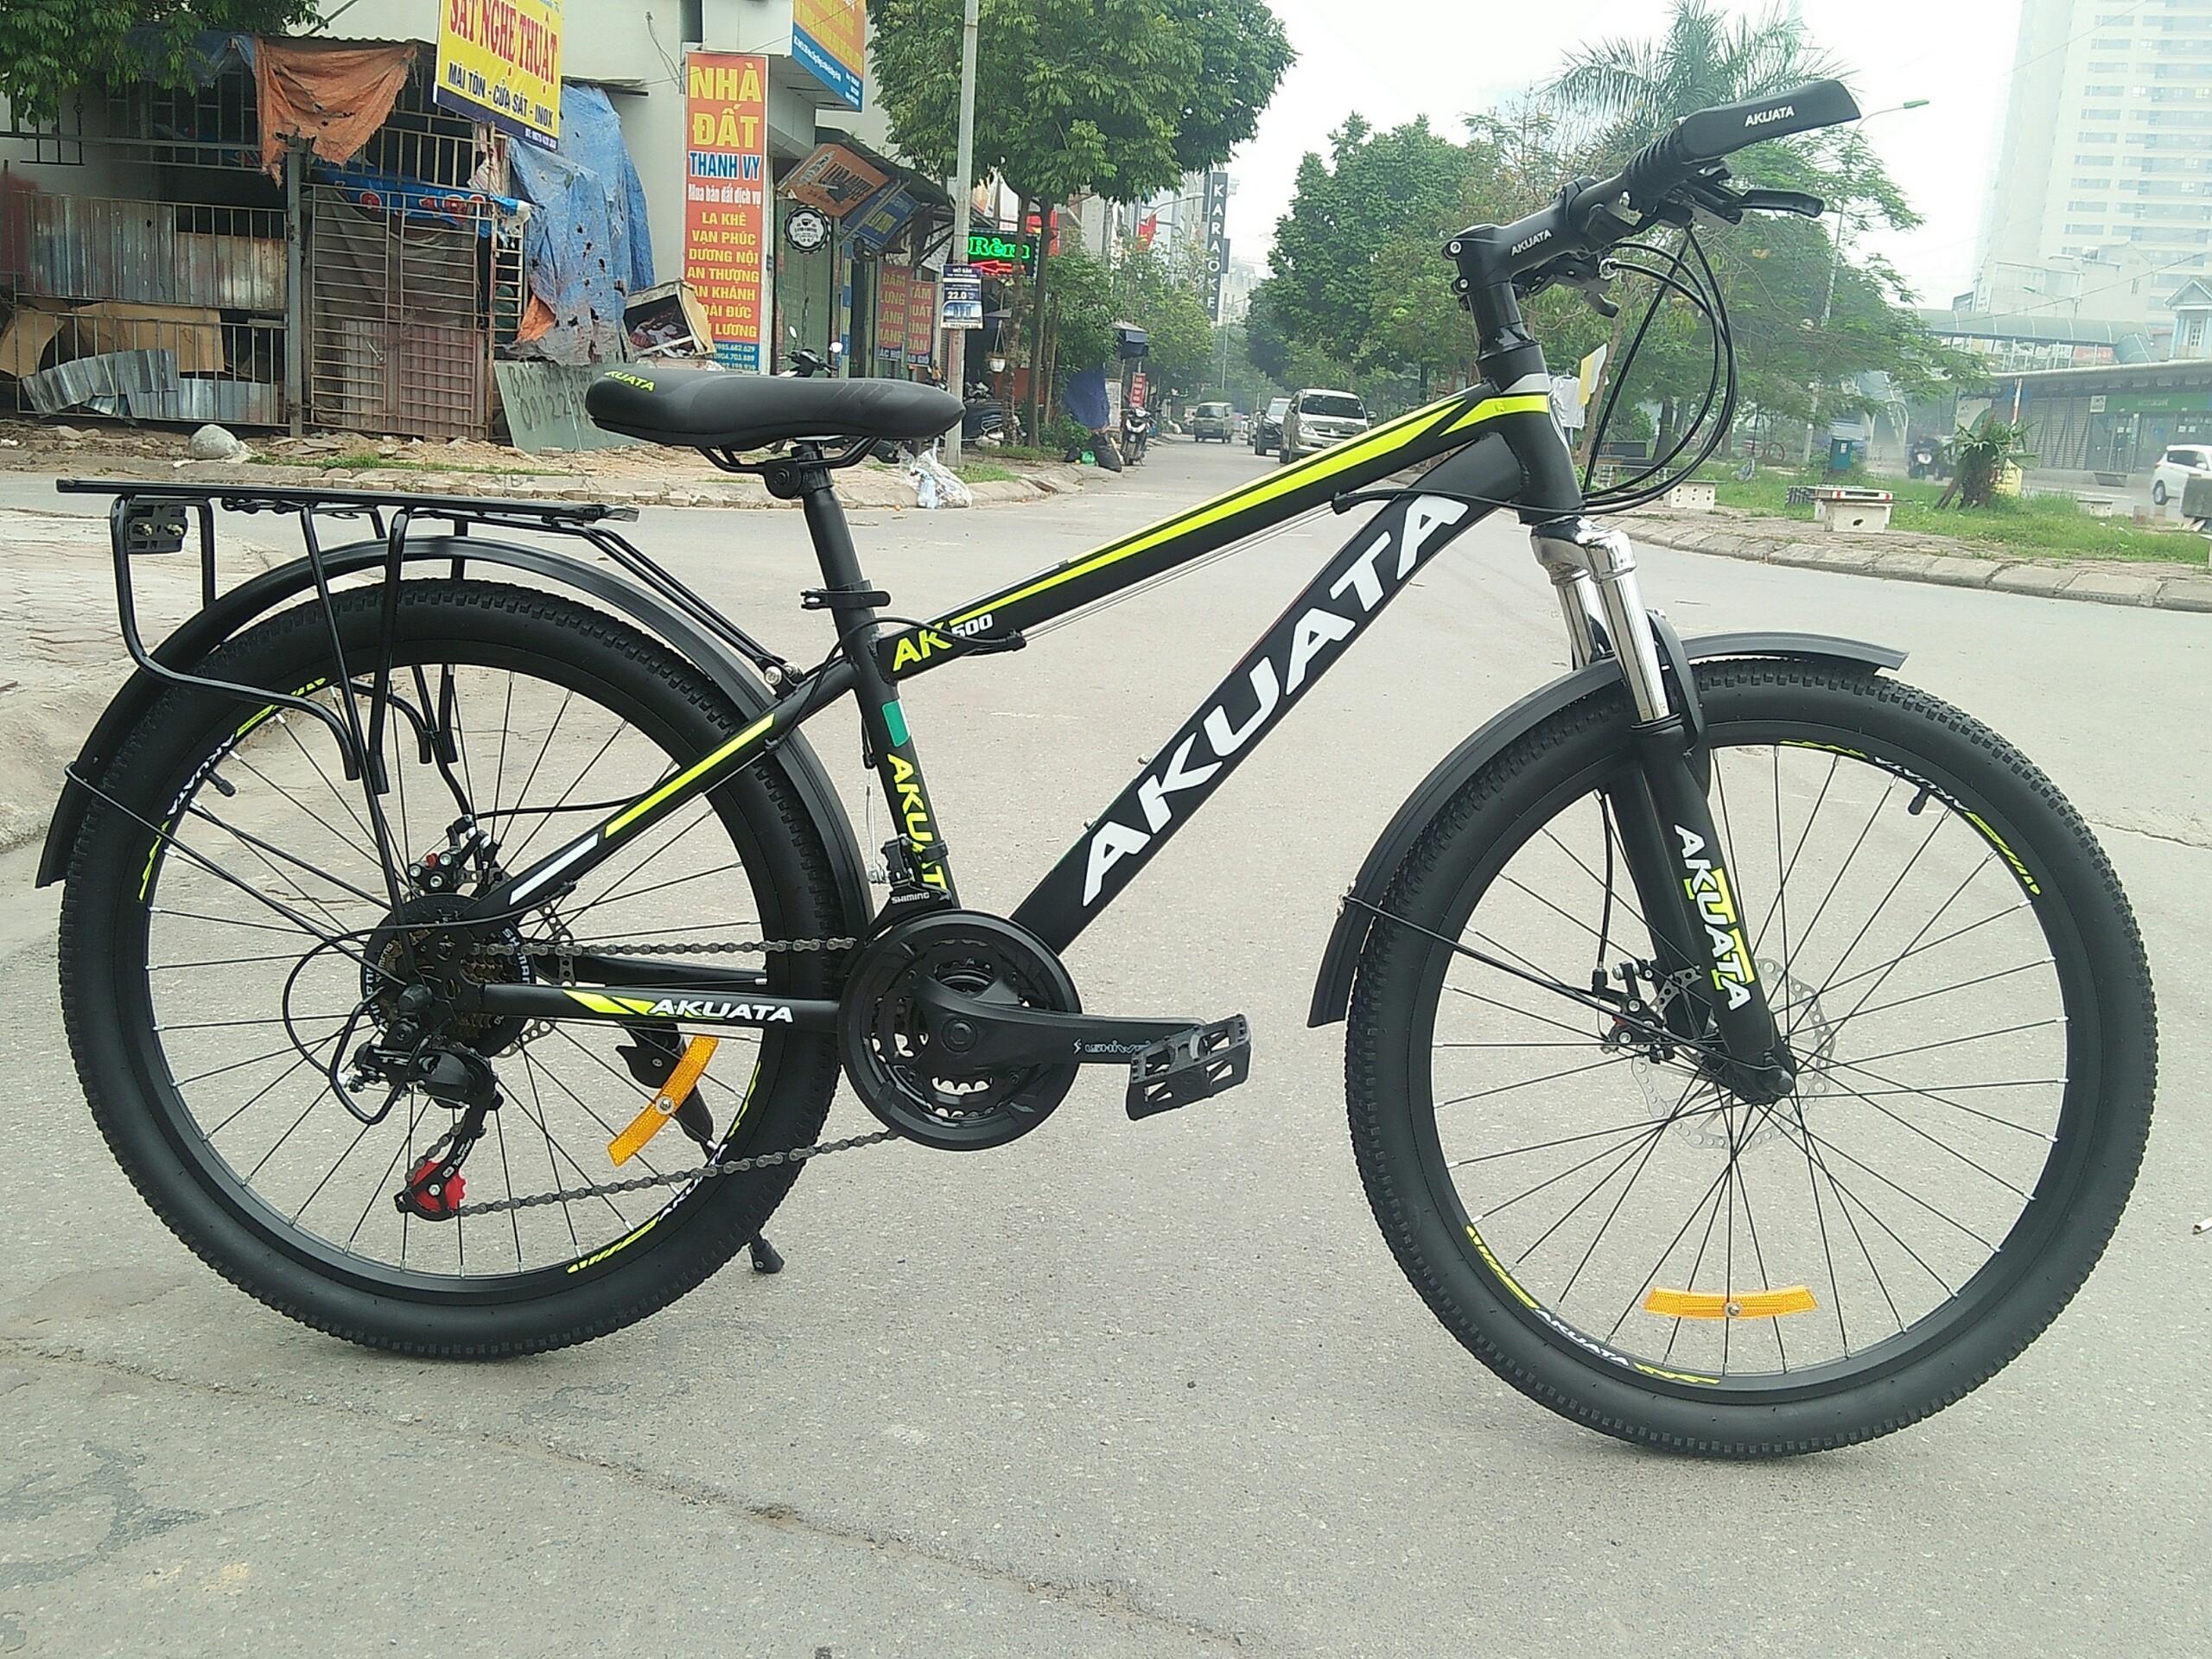 Mua xe đạp địa hình AKUATA AK500